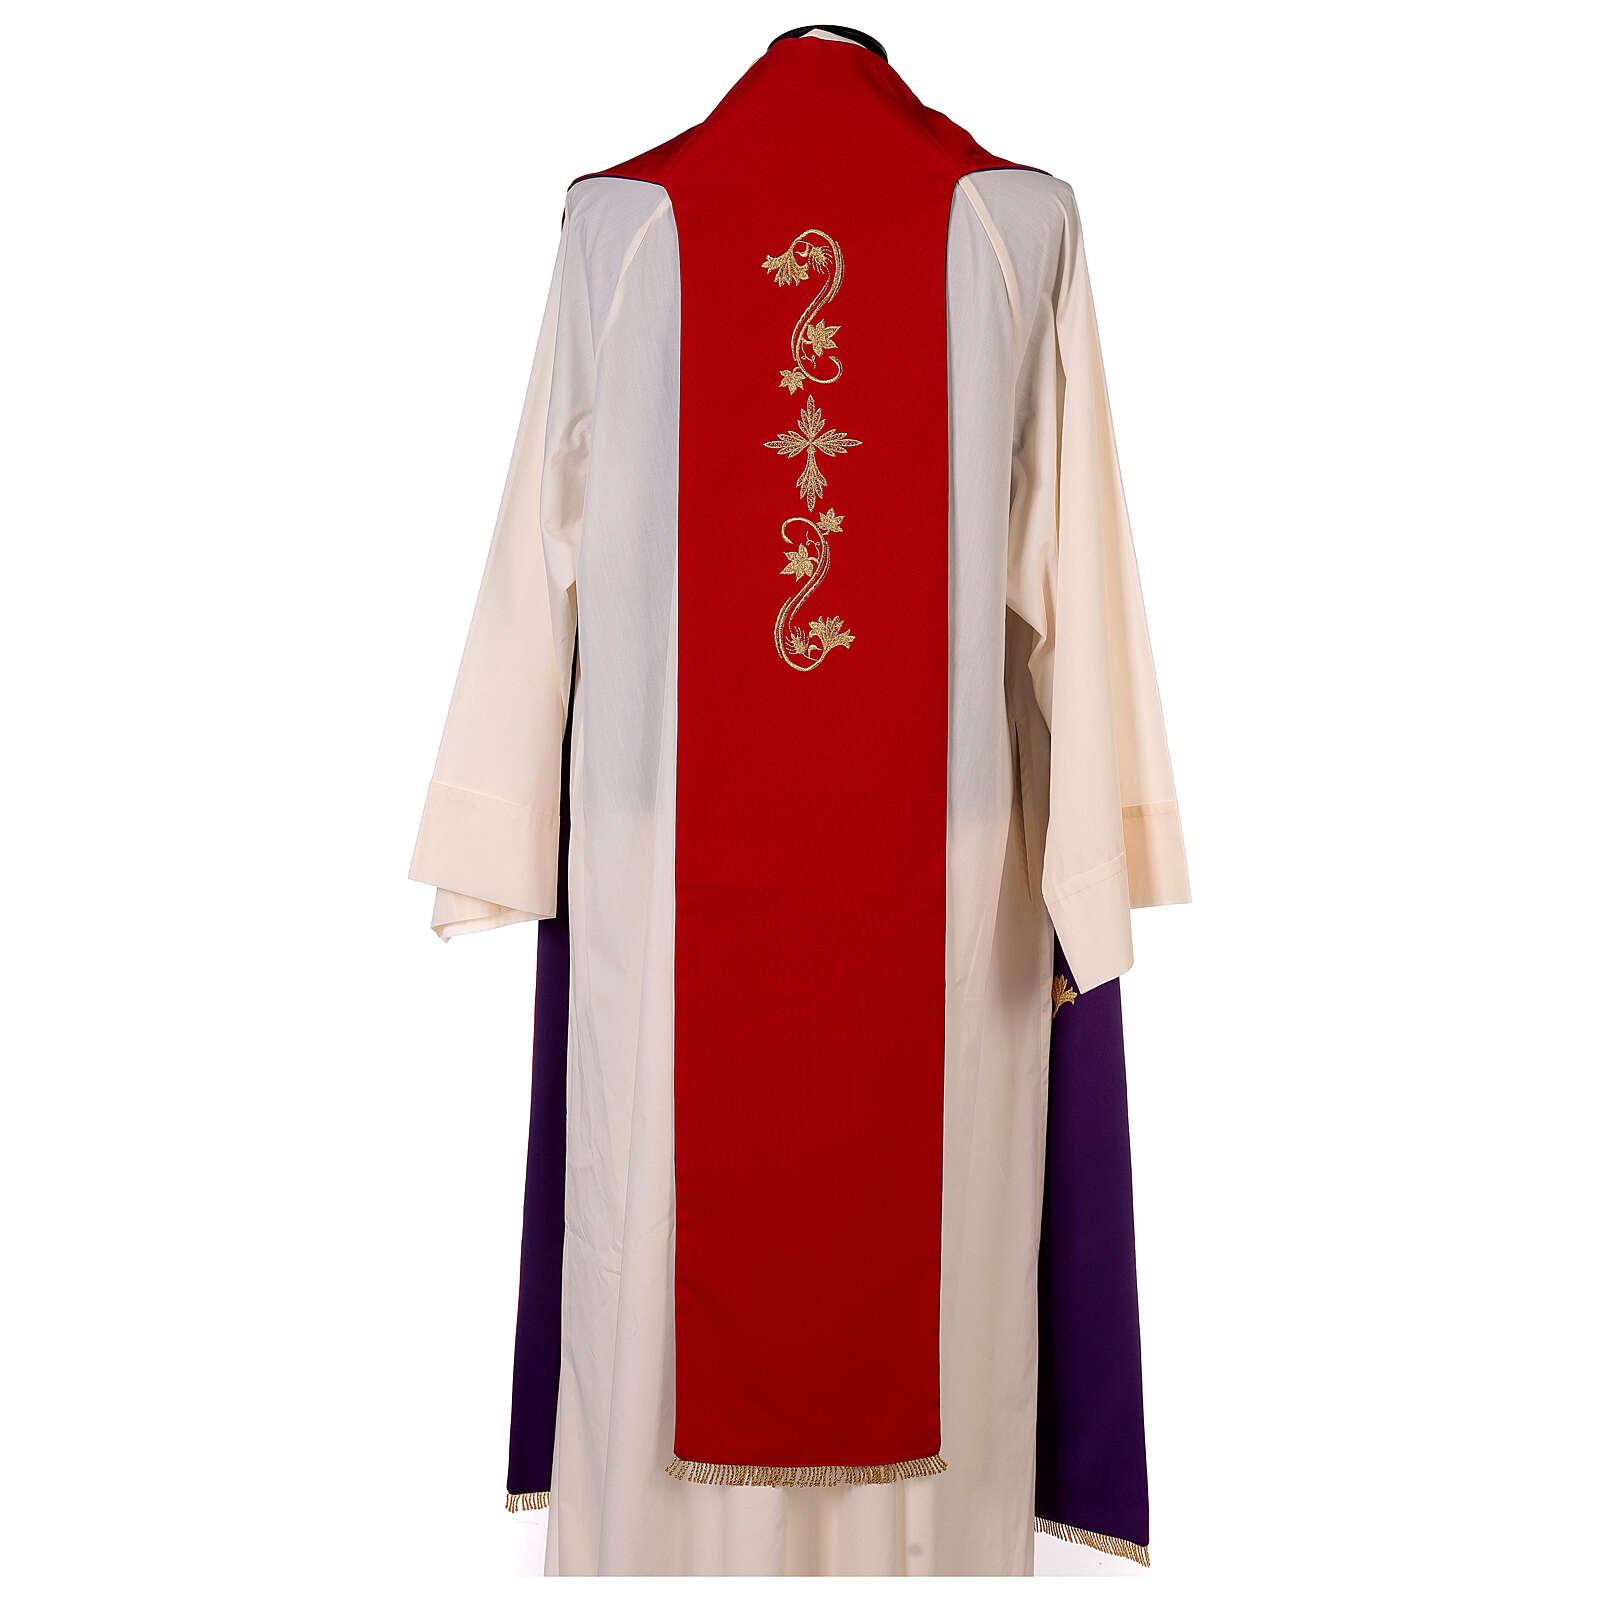 Étole trois bandes bicolore brodée 100% polyester rouge et violet 4